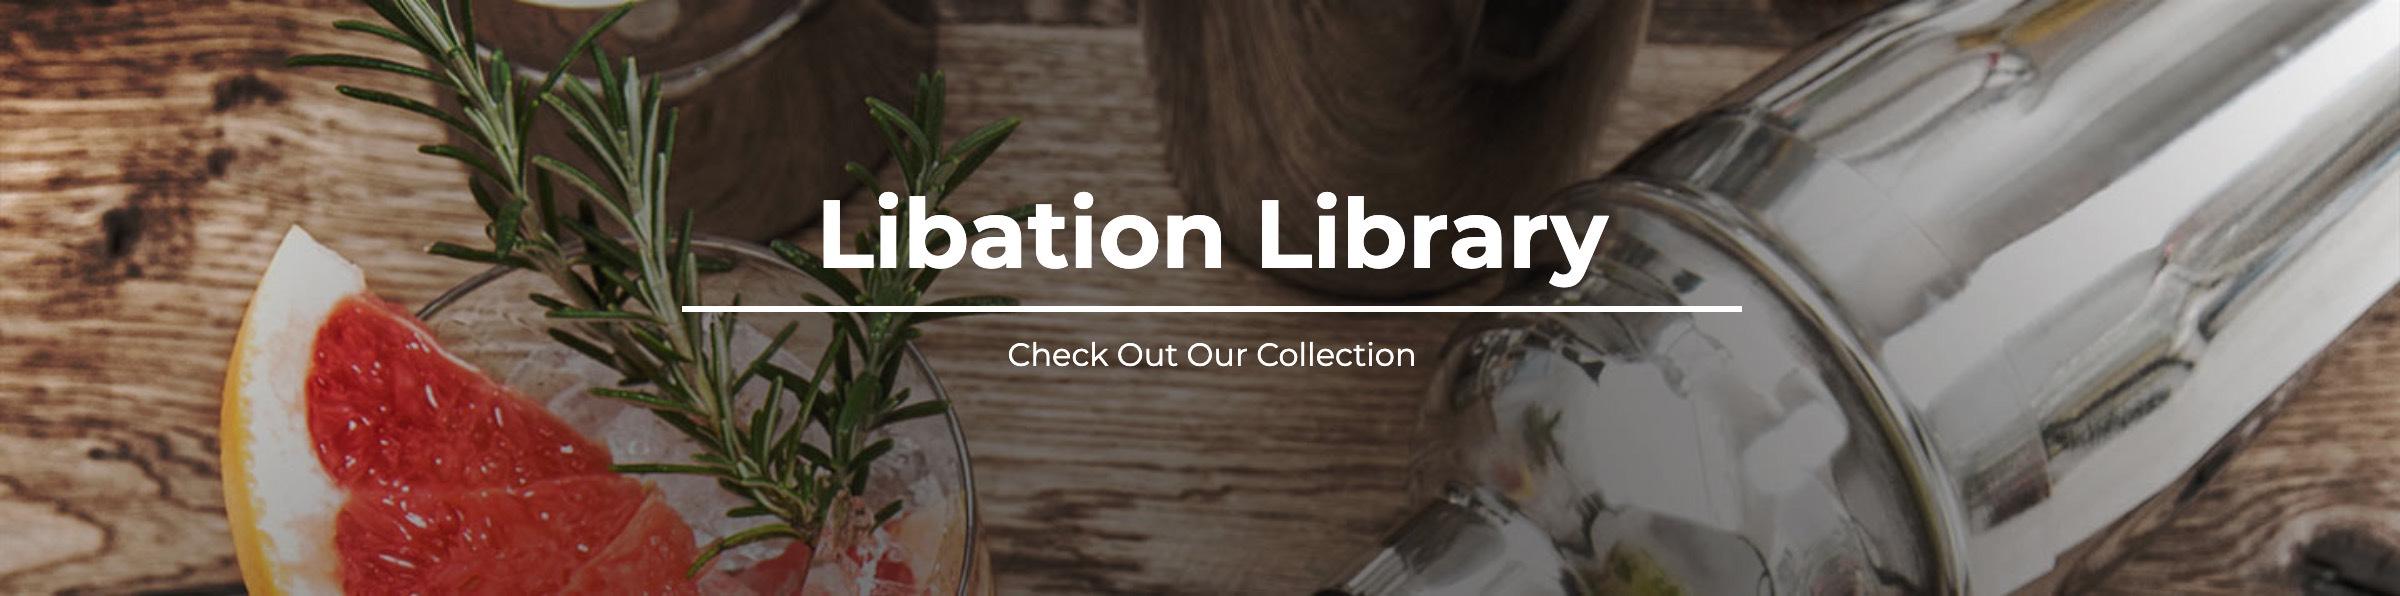 Libation Library Header Image